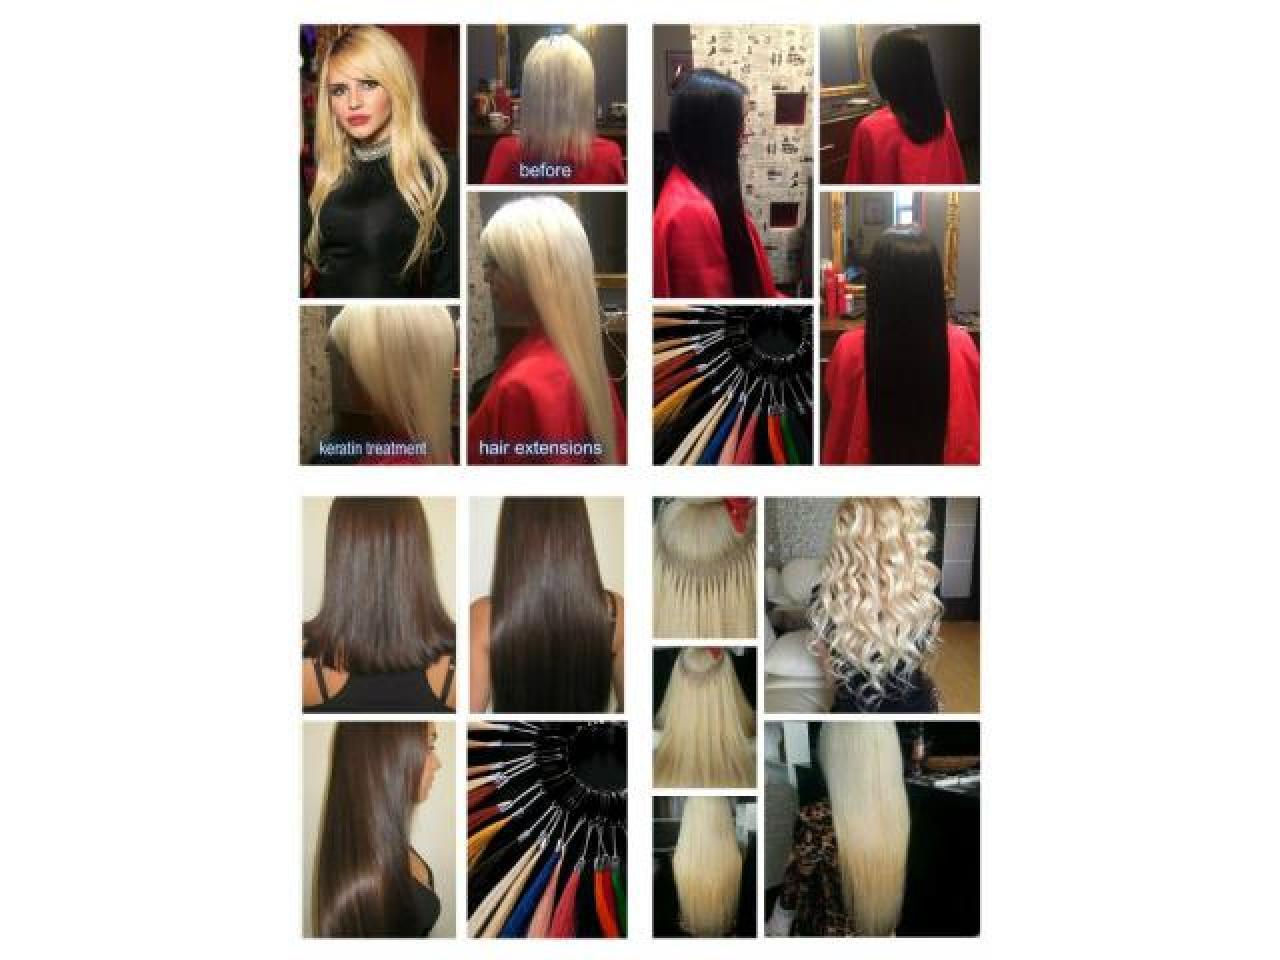 Наращивание волос в Англии, не дорого - 10